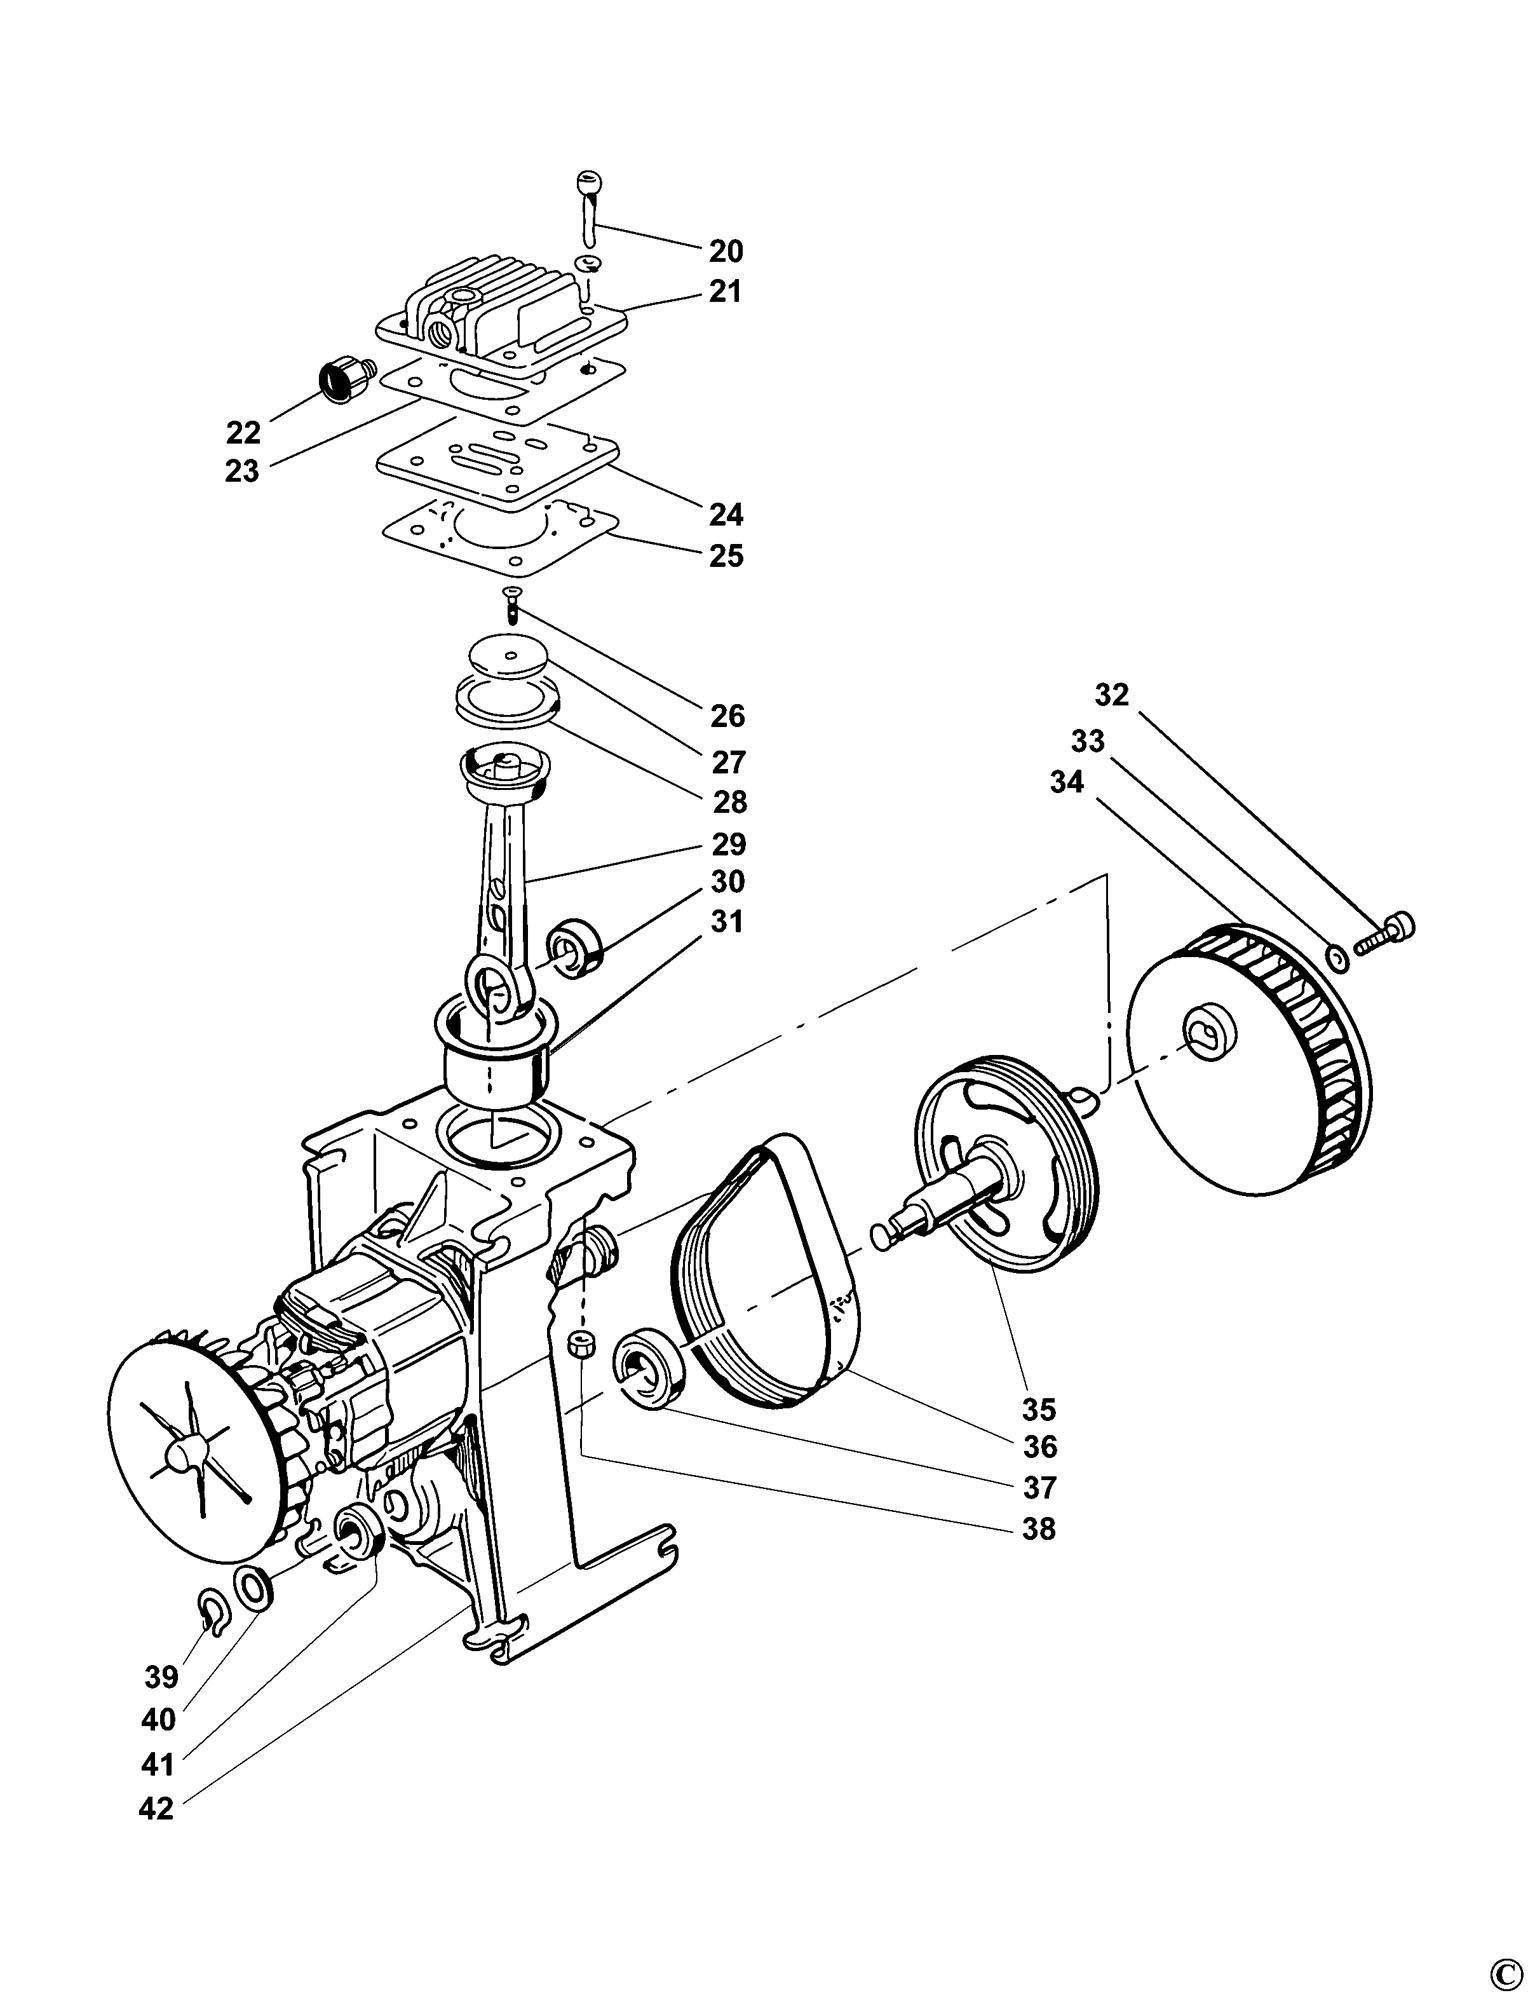 Spares for Bostitch Mrc6 Compressor (type Reva) SPARE_MRC6